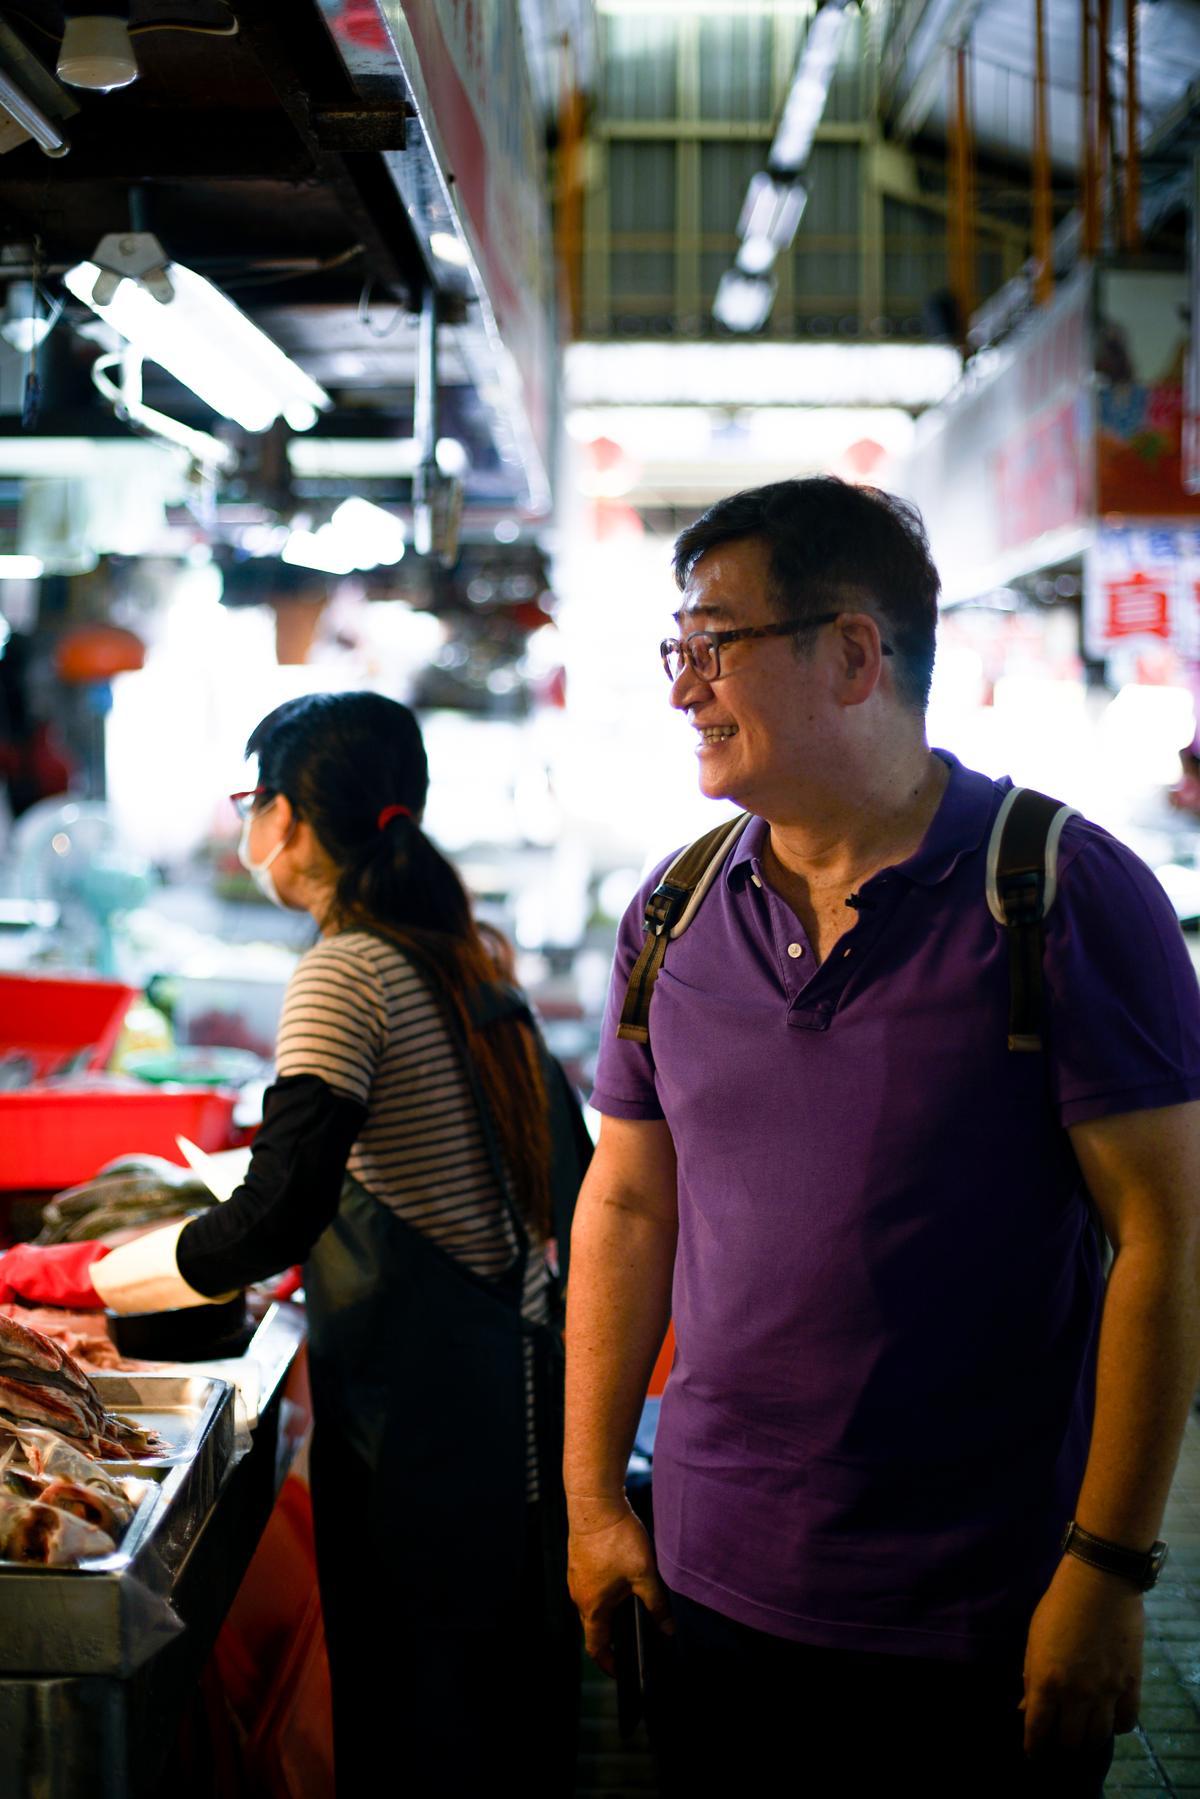 王浩一走進水仙宮市場,認識的魚攤老闆娘喊住他,說要送魚給他。